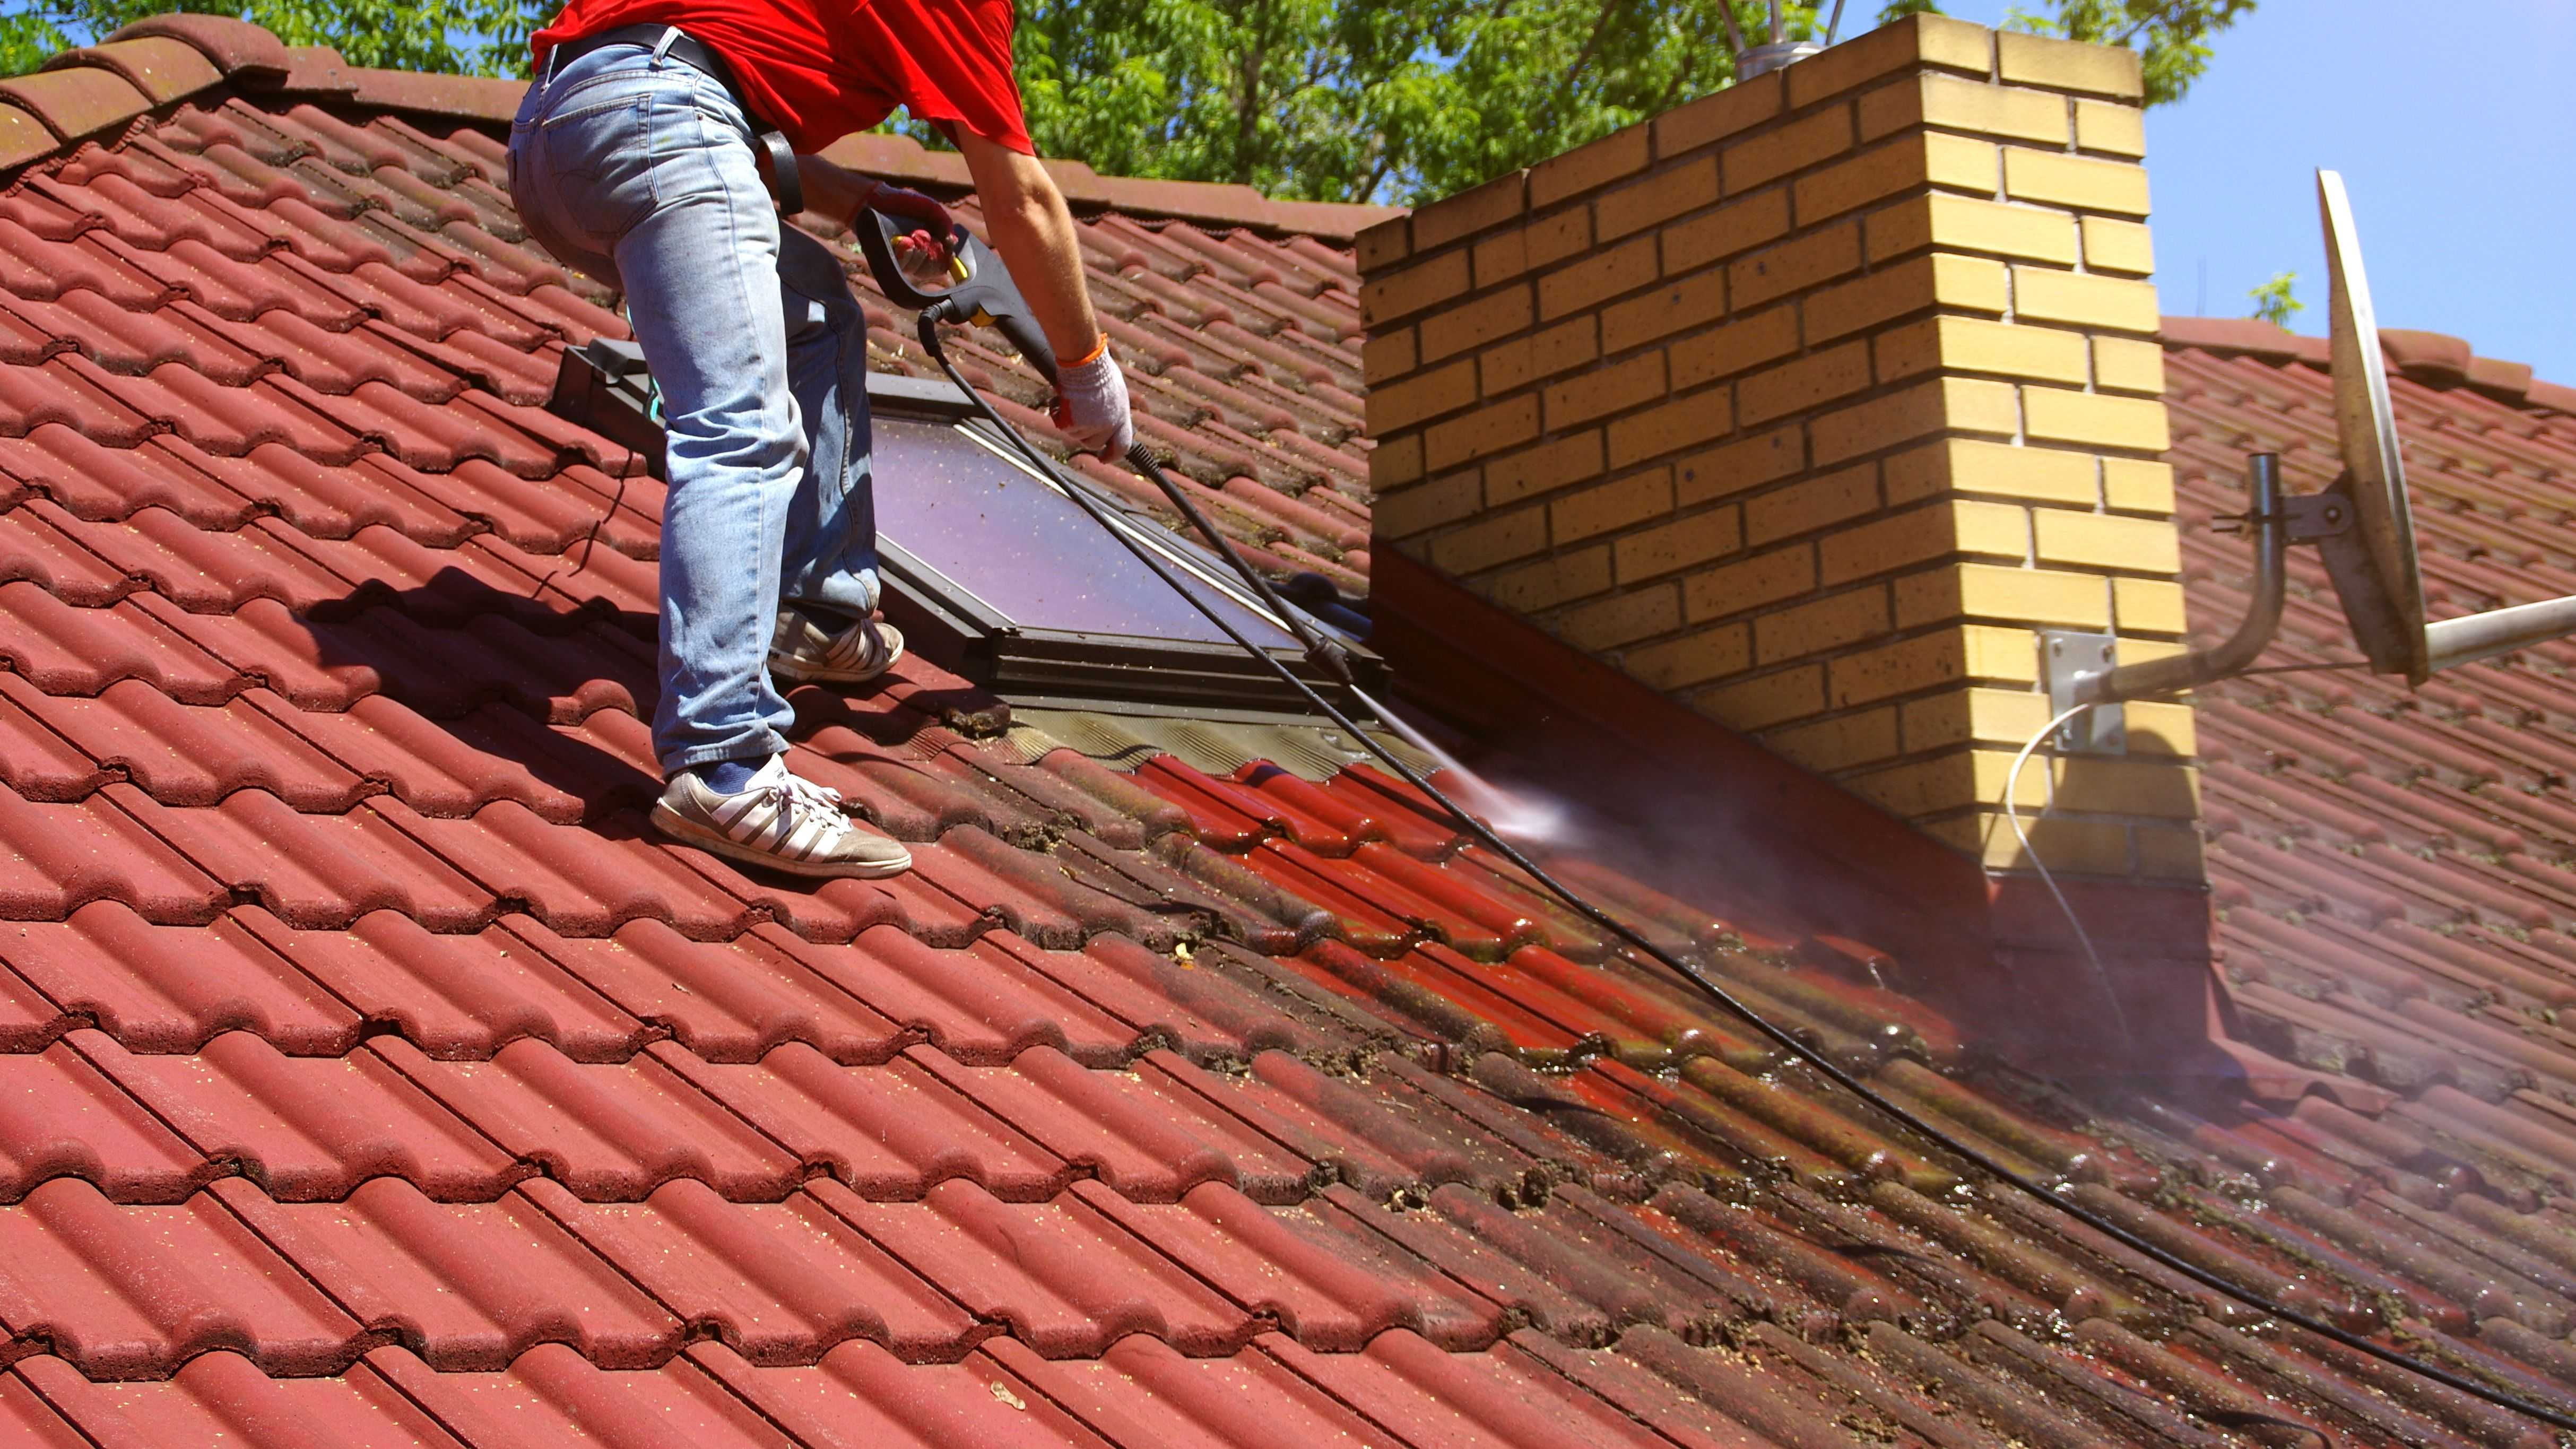 Comment choisir  ses produits de protection et d'entretiens pour sa toiture